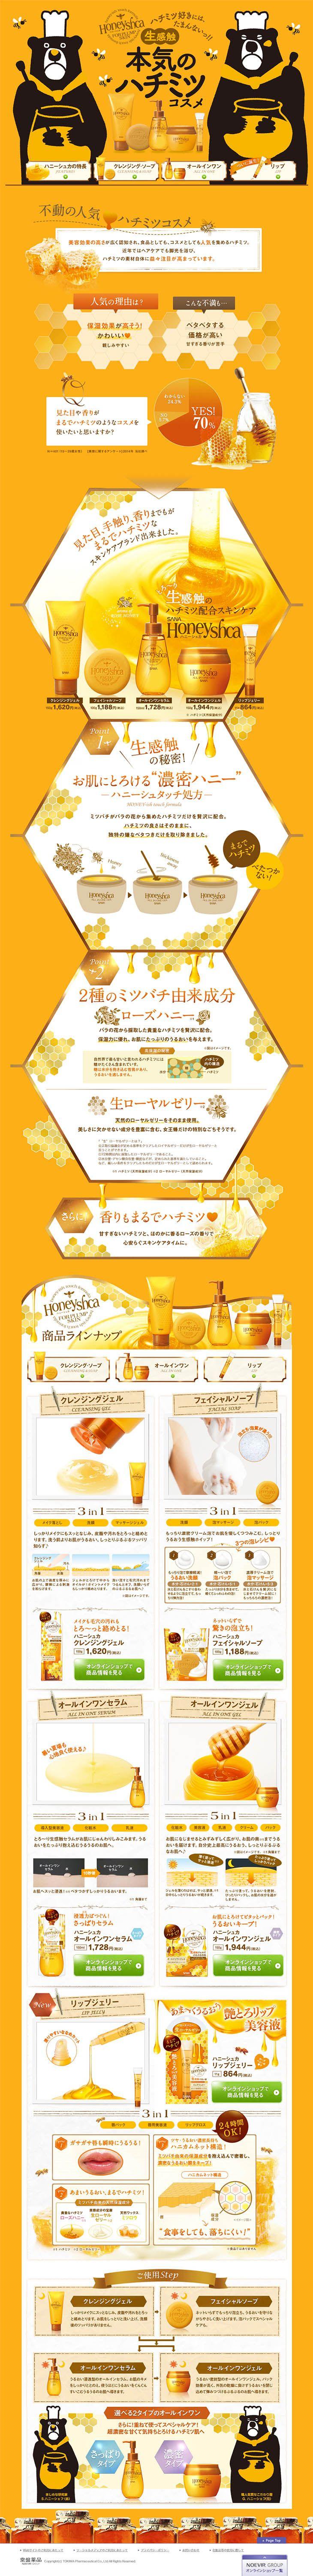 ランディングページ Lp 本気のハチミツコスメ スキンケア 美容商品 自社サイト Lp デザイン デザイン ウェブデザイン